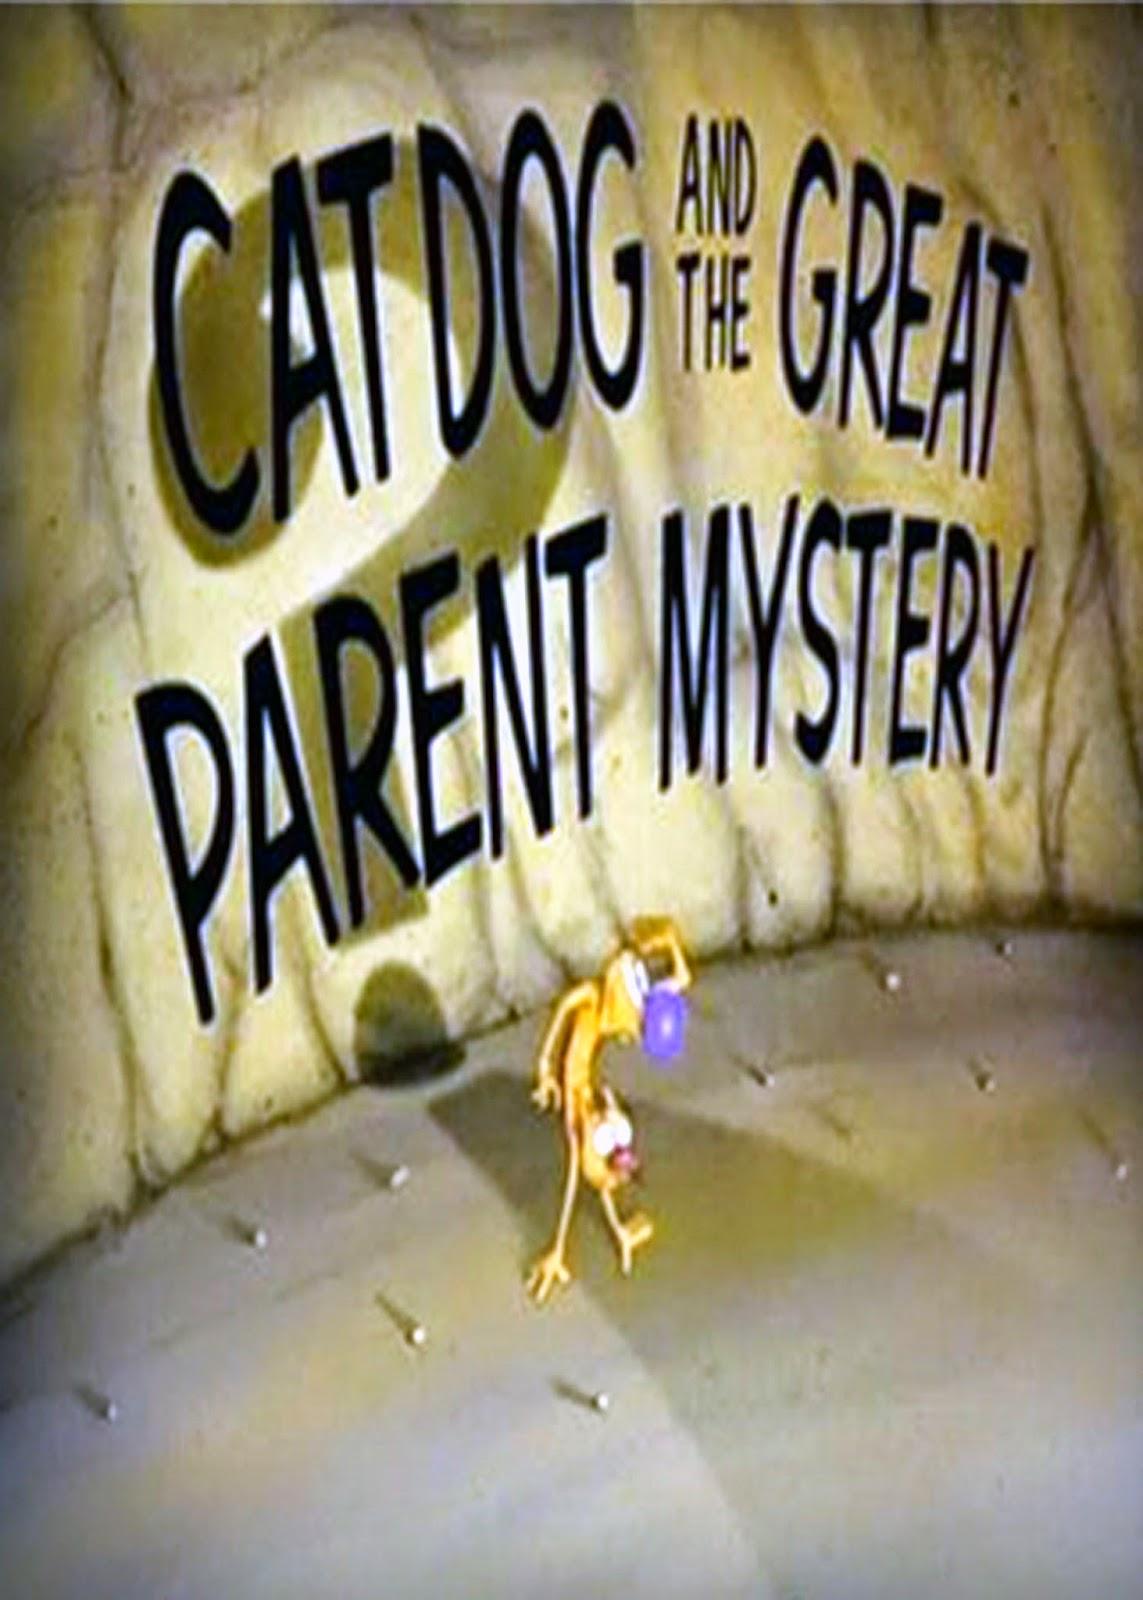 Catdog - el misterio de los padres (2000)